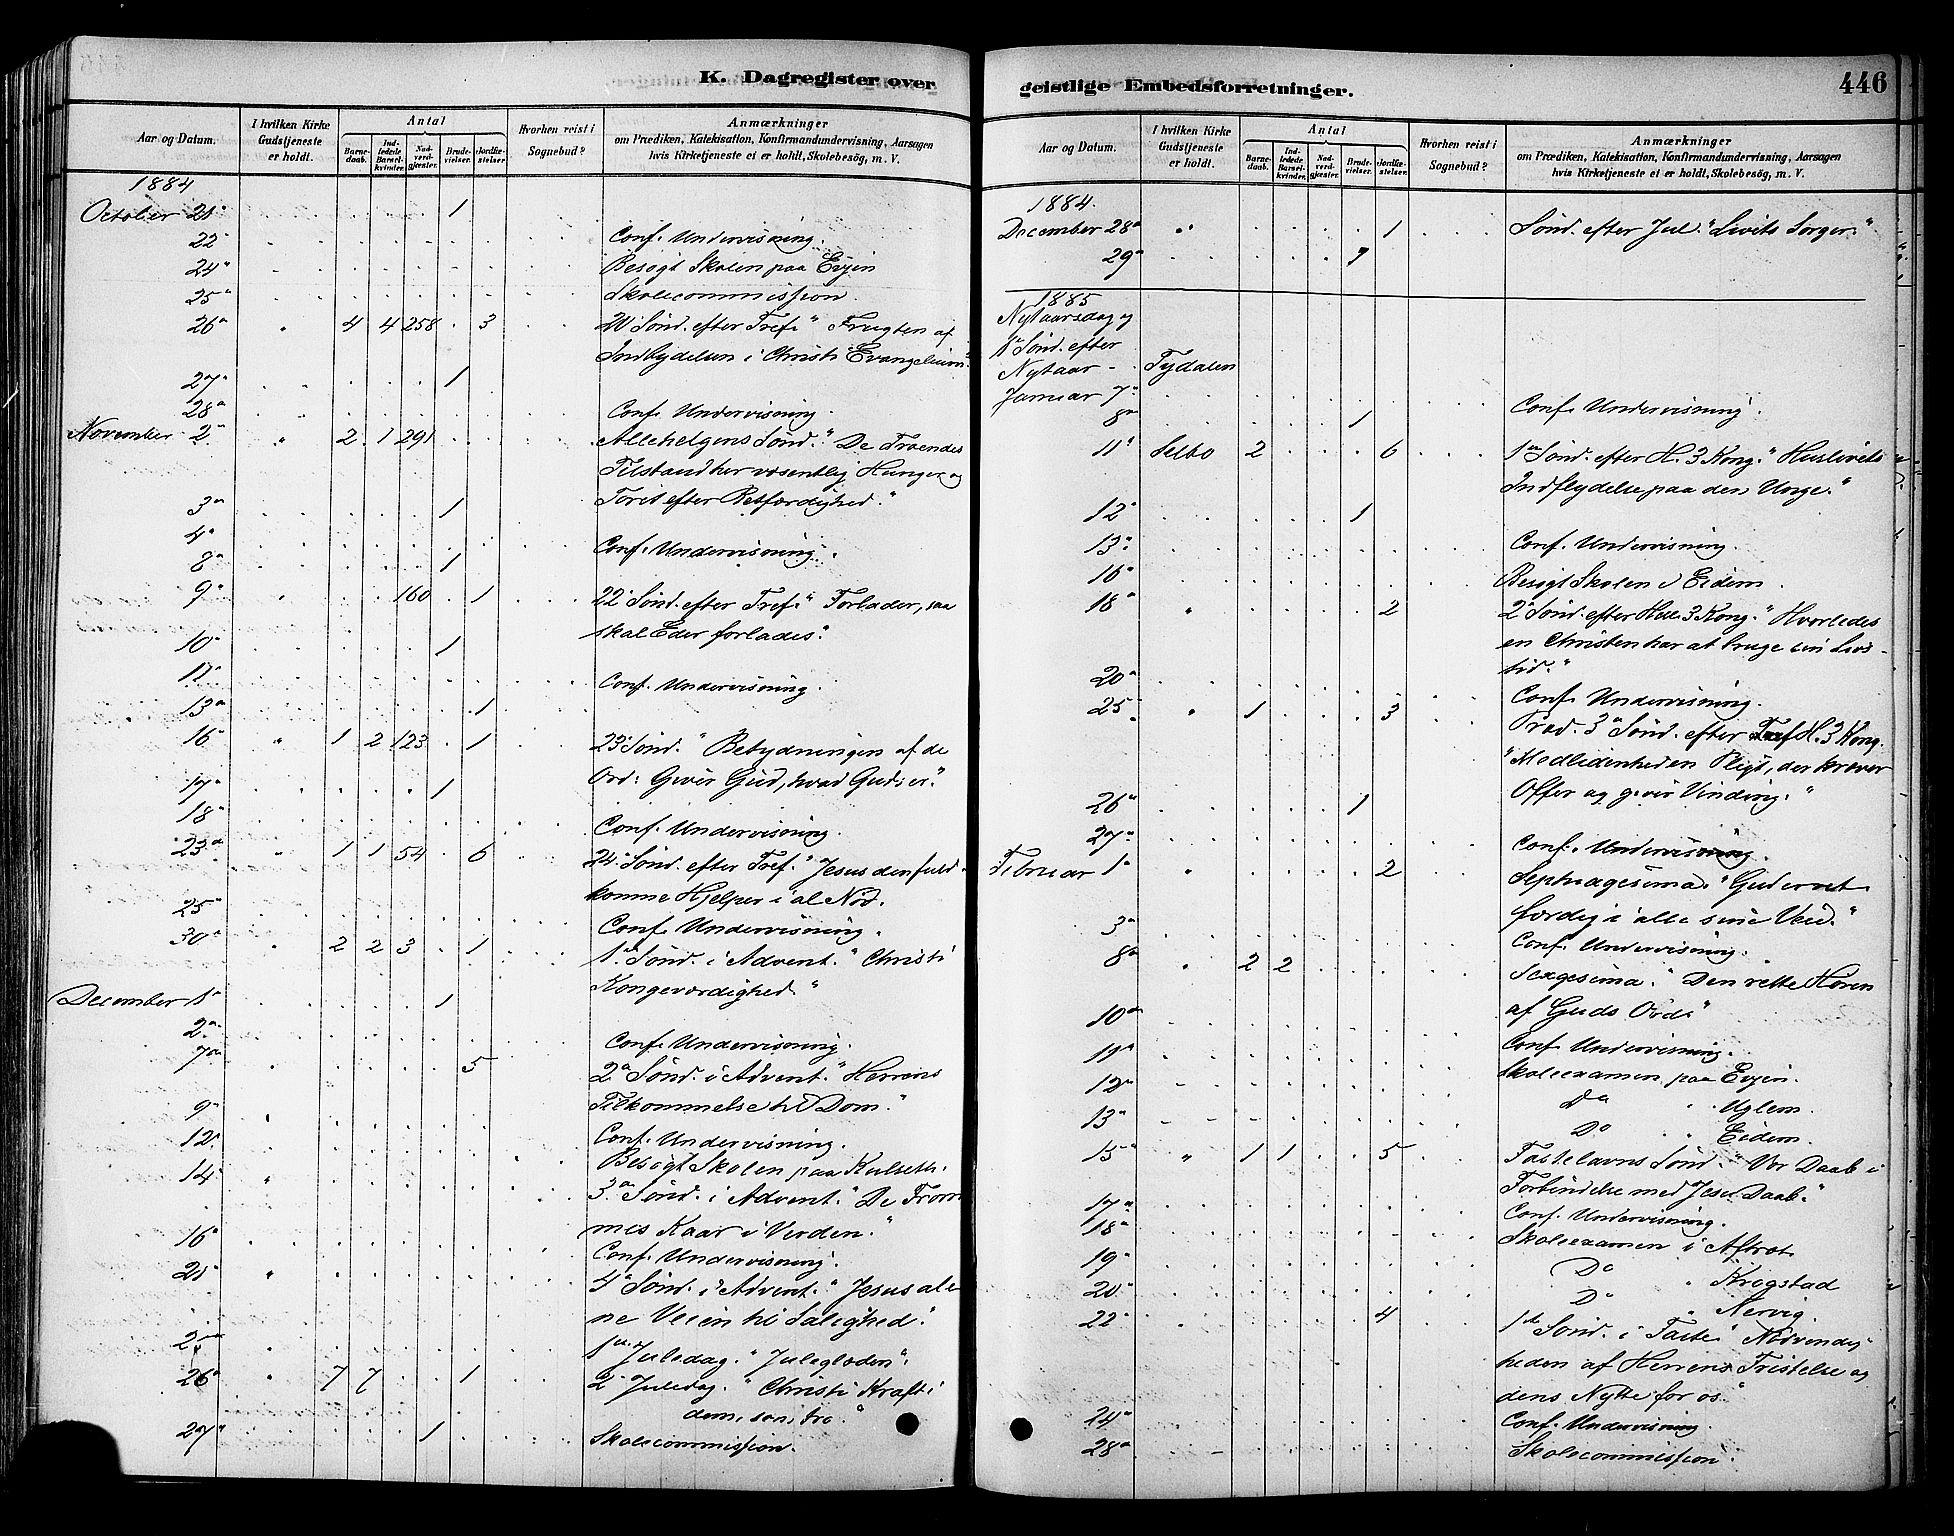 SAT, Ministerialprotokoller, klokkerbøker og fødselsregistre - Sør-Trøndelag, 695/L1148: Ministerialbok nr. 695A08, 1878-1891, s. 446